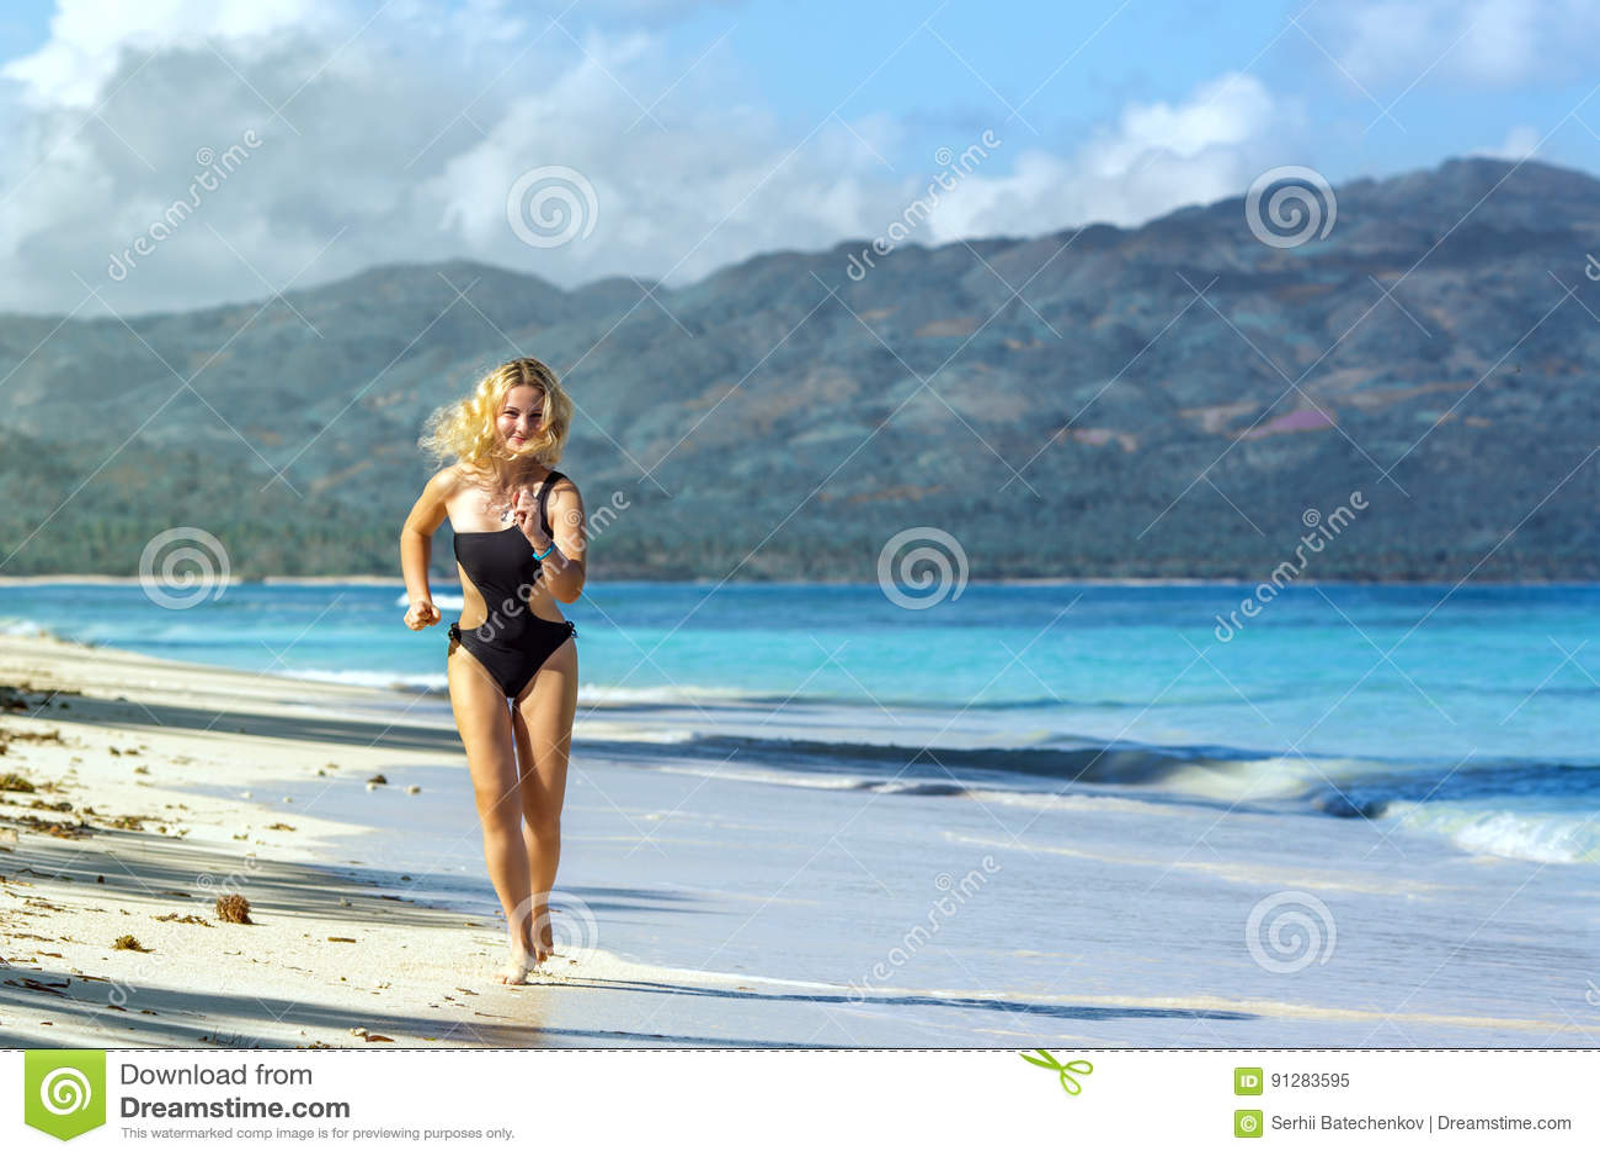 Sportig flicka på stranden